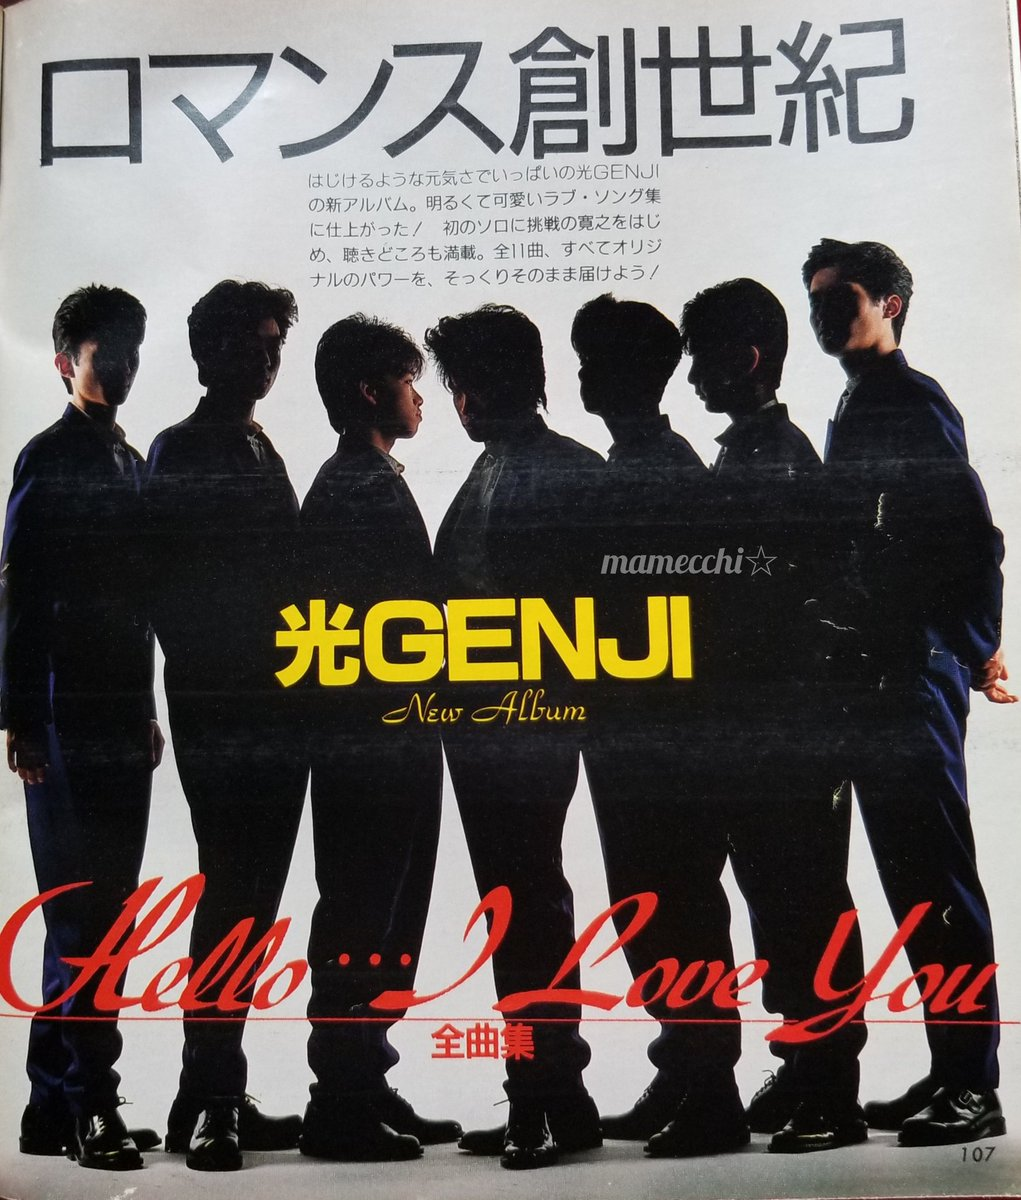 光 genji アルバム